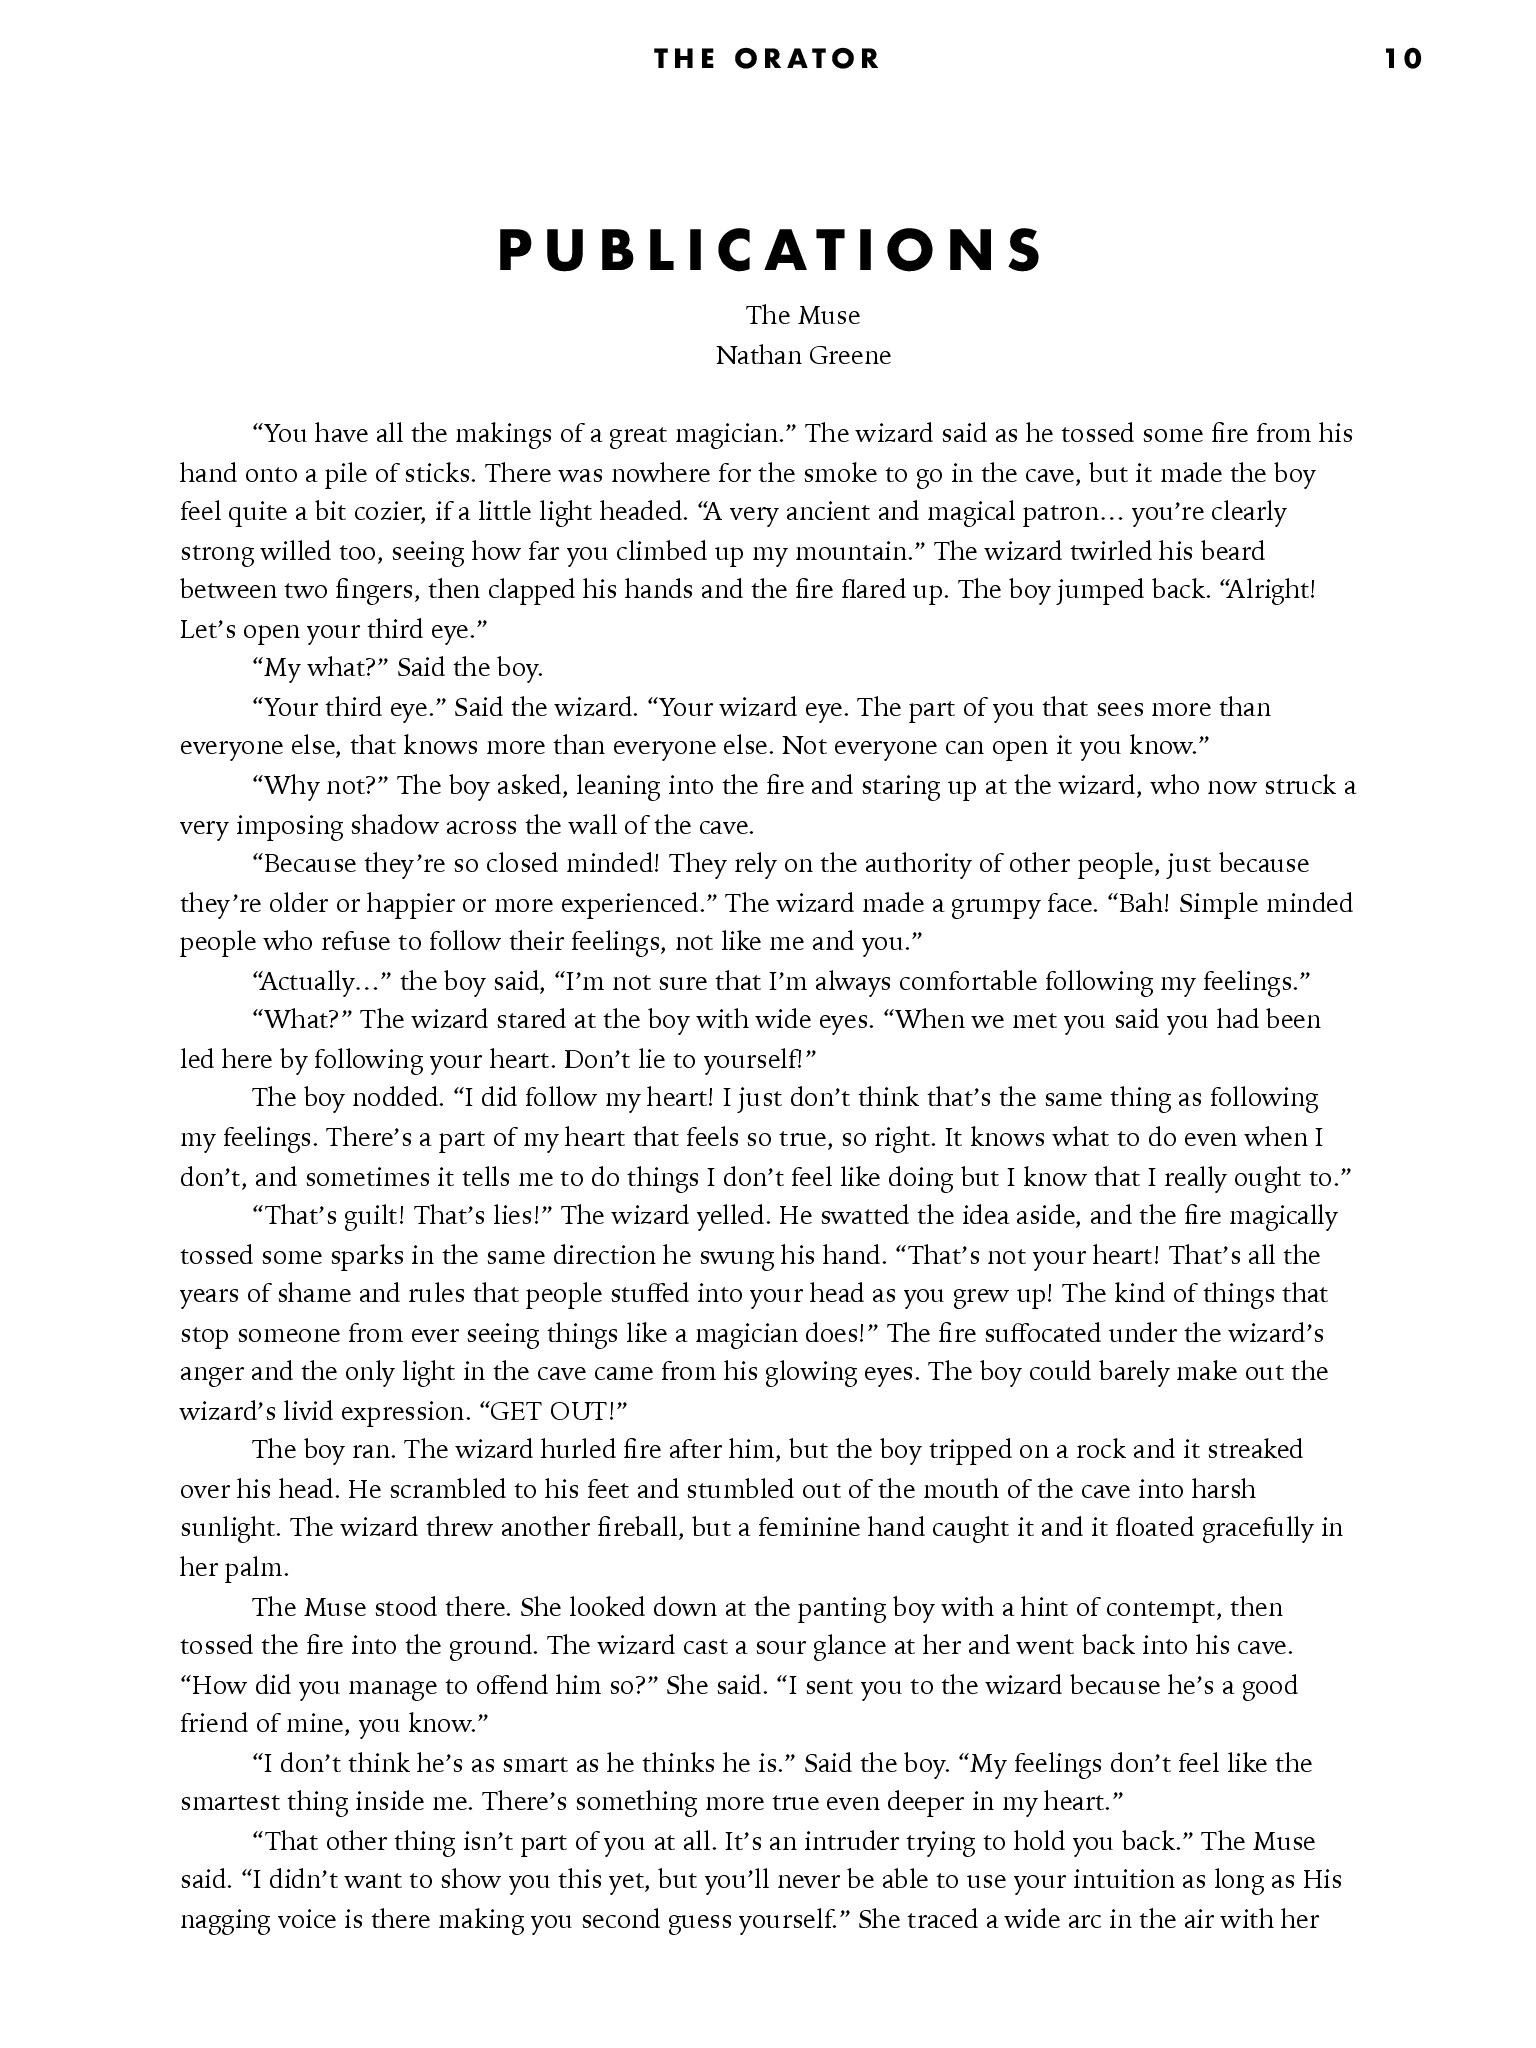 The-Orator-Fall-2018-010.jpg